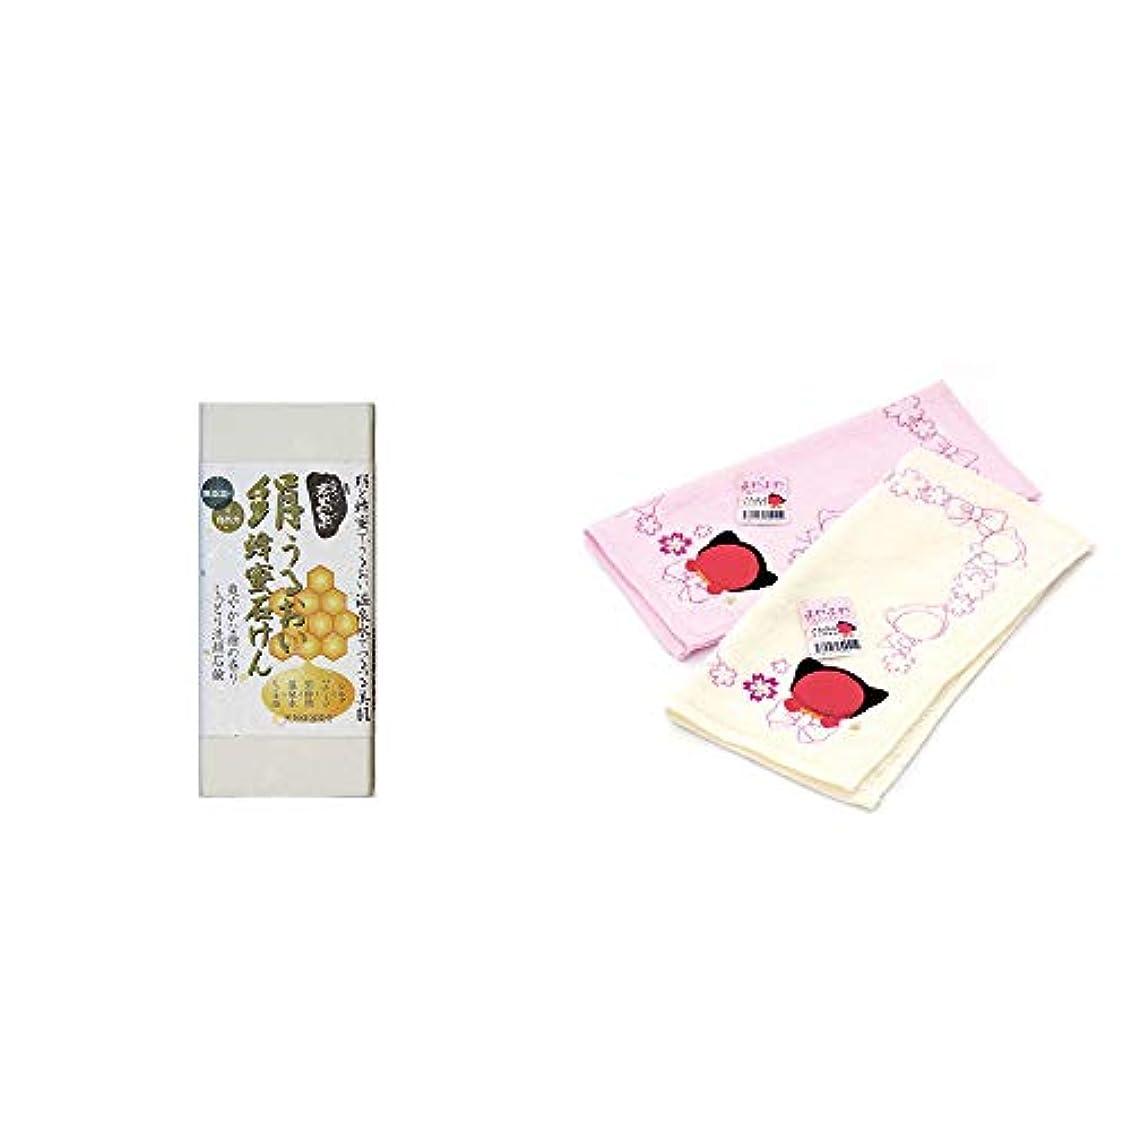 タックル神秘的な打ち負かす[2点セット] ひのき炭黒泉 絹うるおい蜂蜜石けん(75g×2)?さるぼぼ ふわふわタオルハンカチ【ピンク】